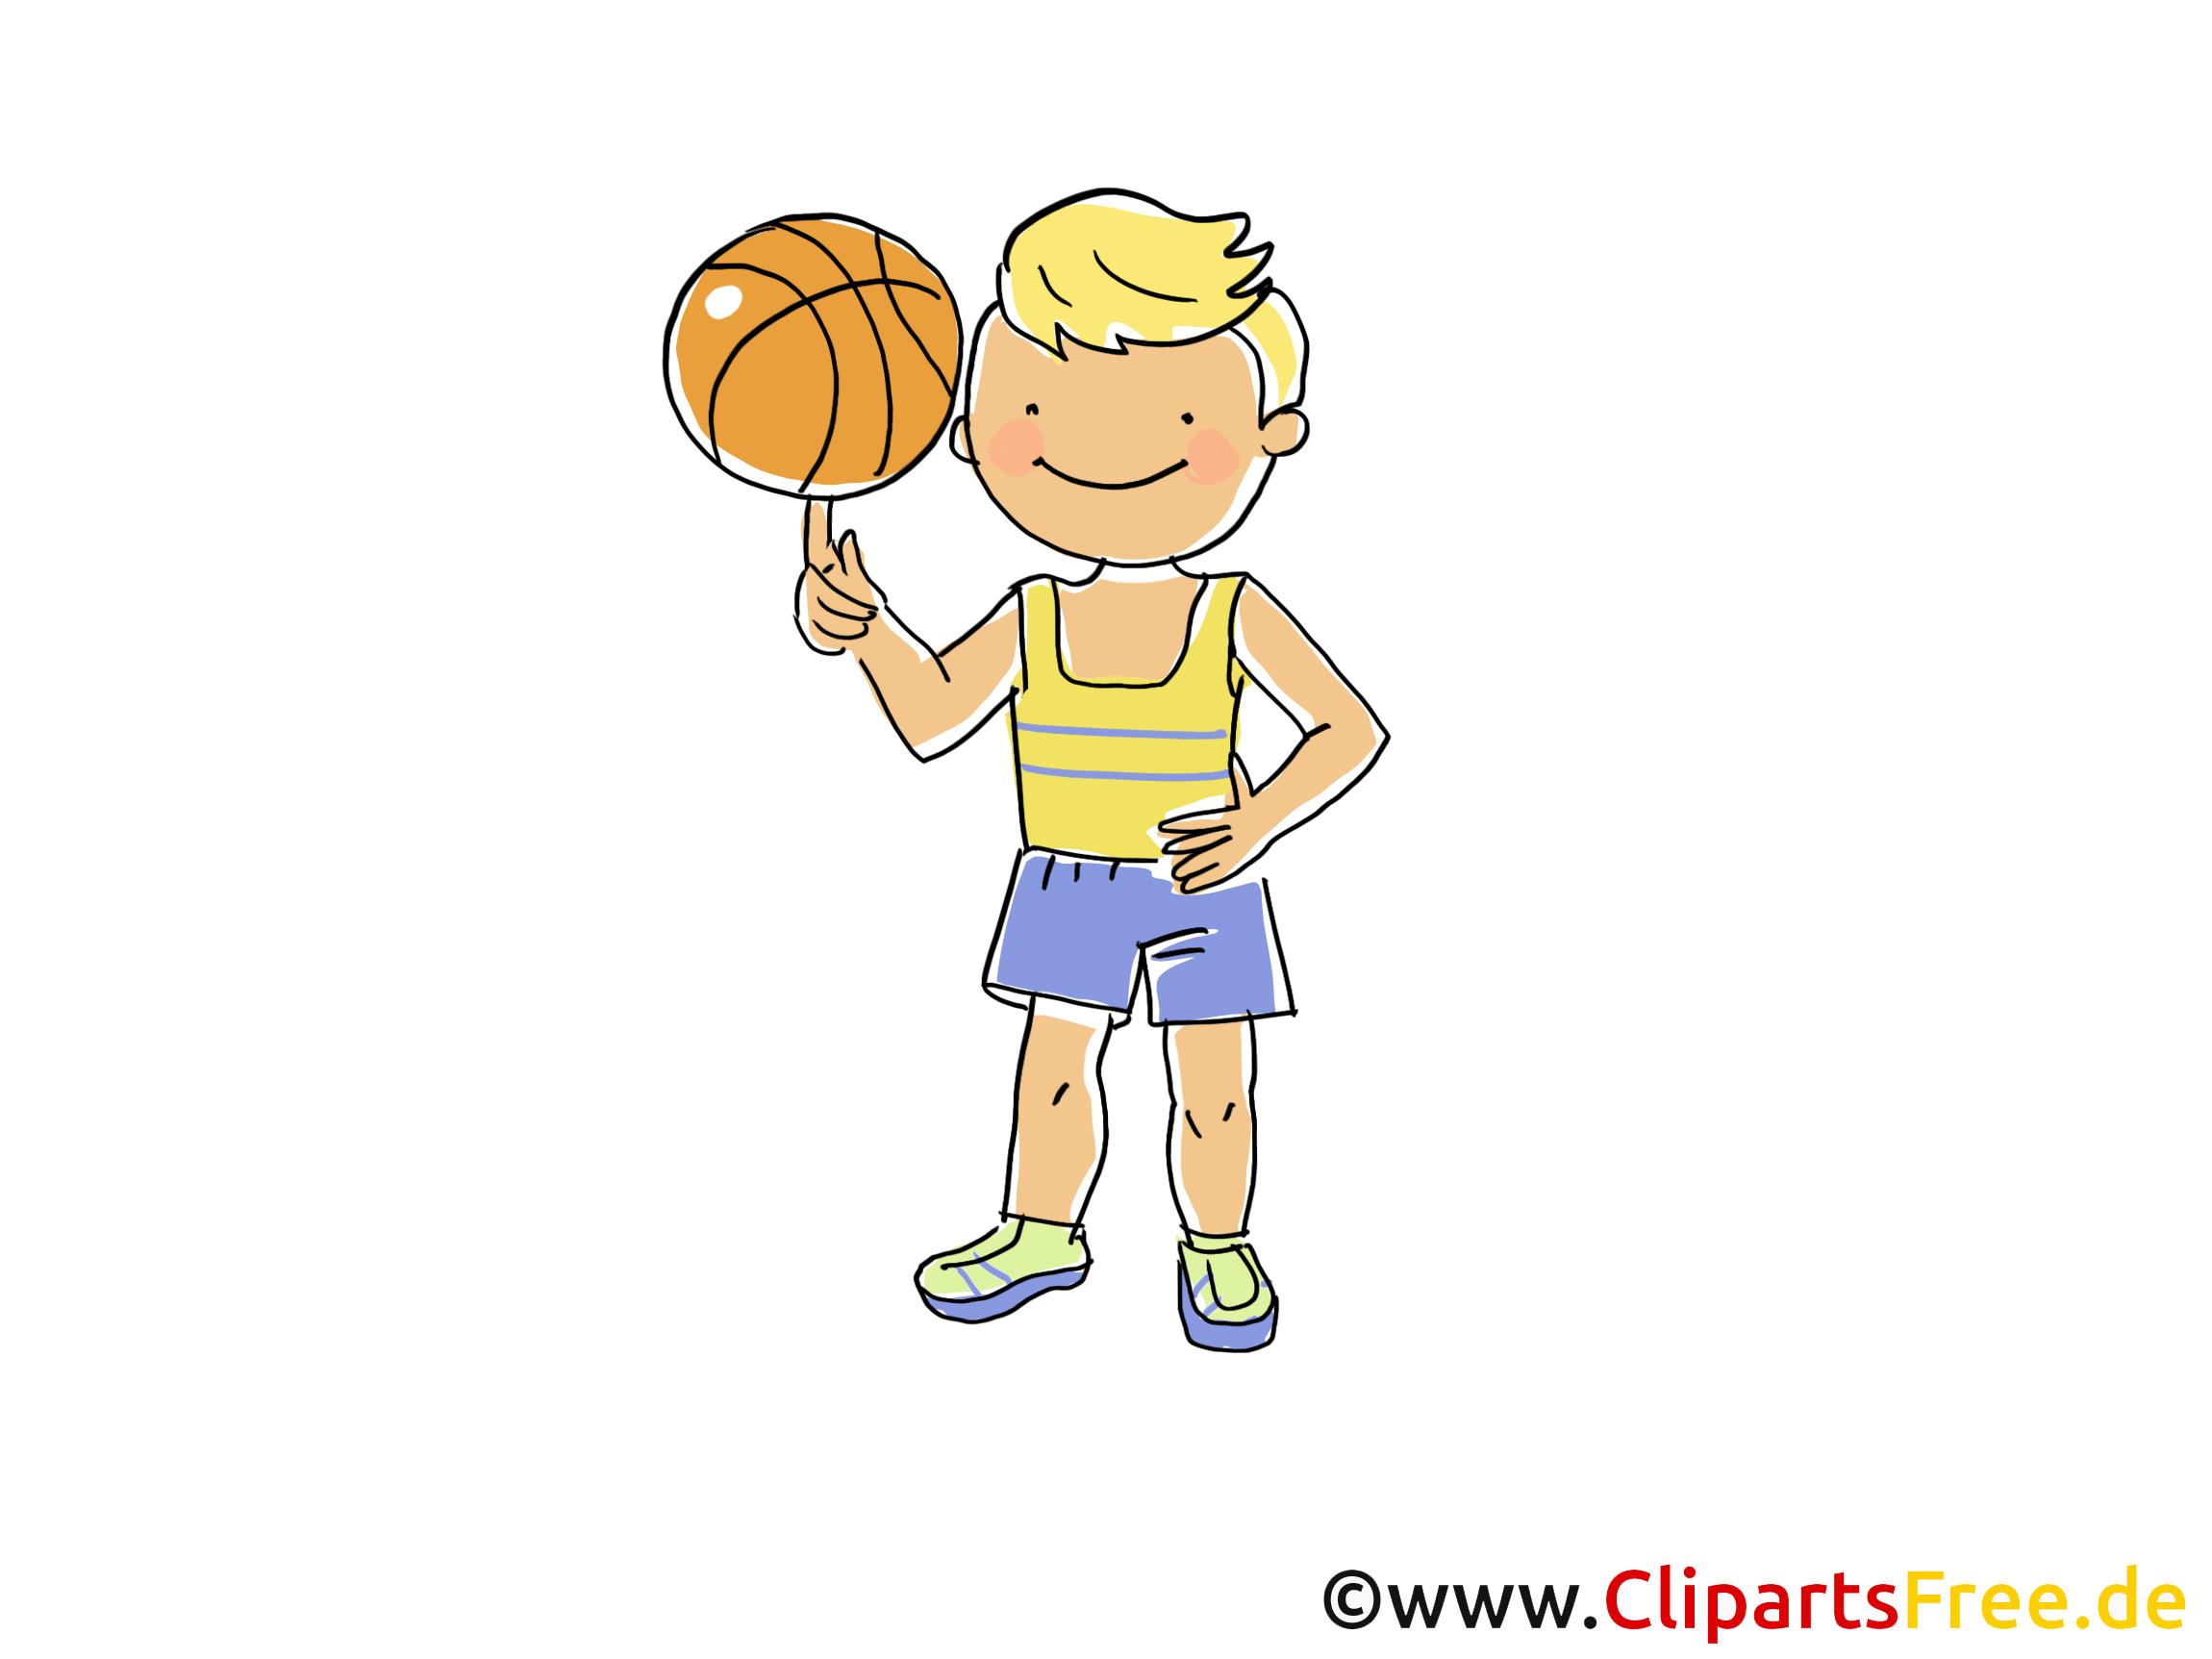 clipart gratuit sport course - photo #8